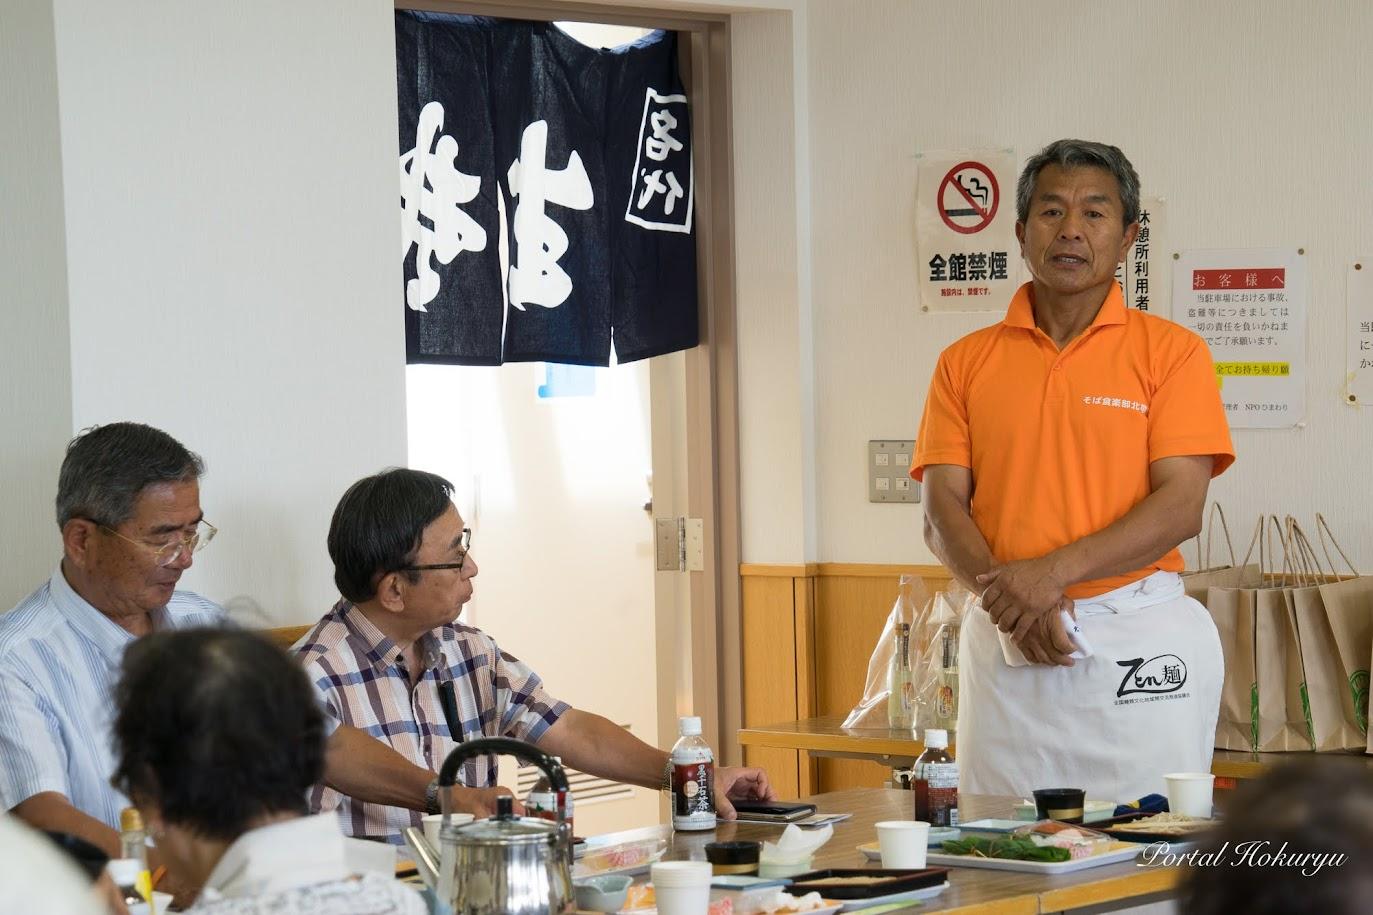 そば打ち四段位の加藤宰さん